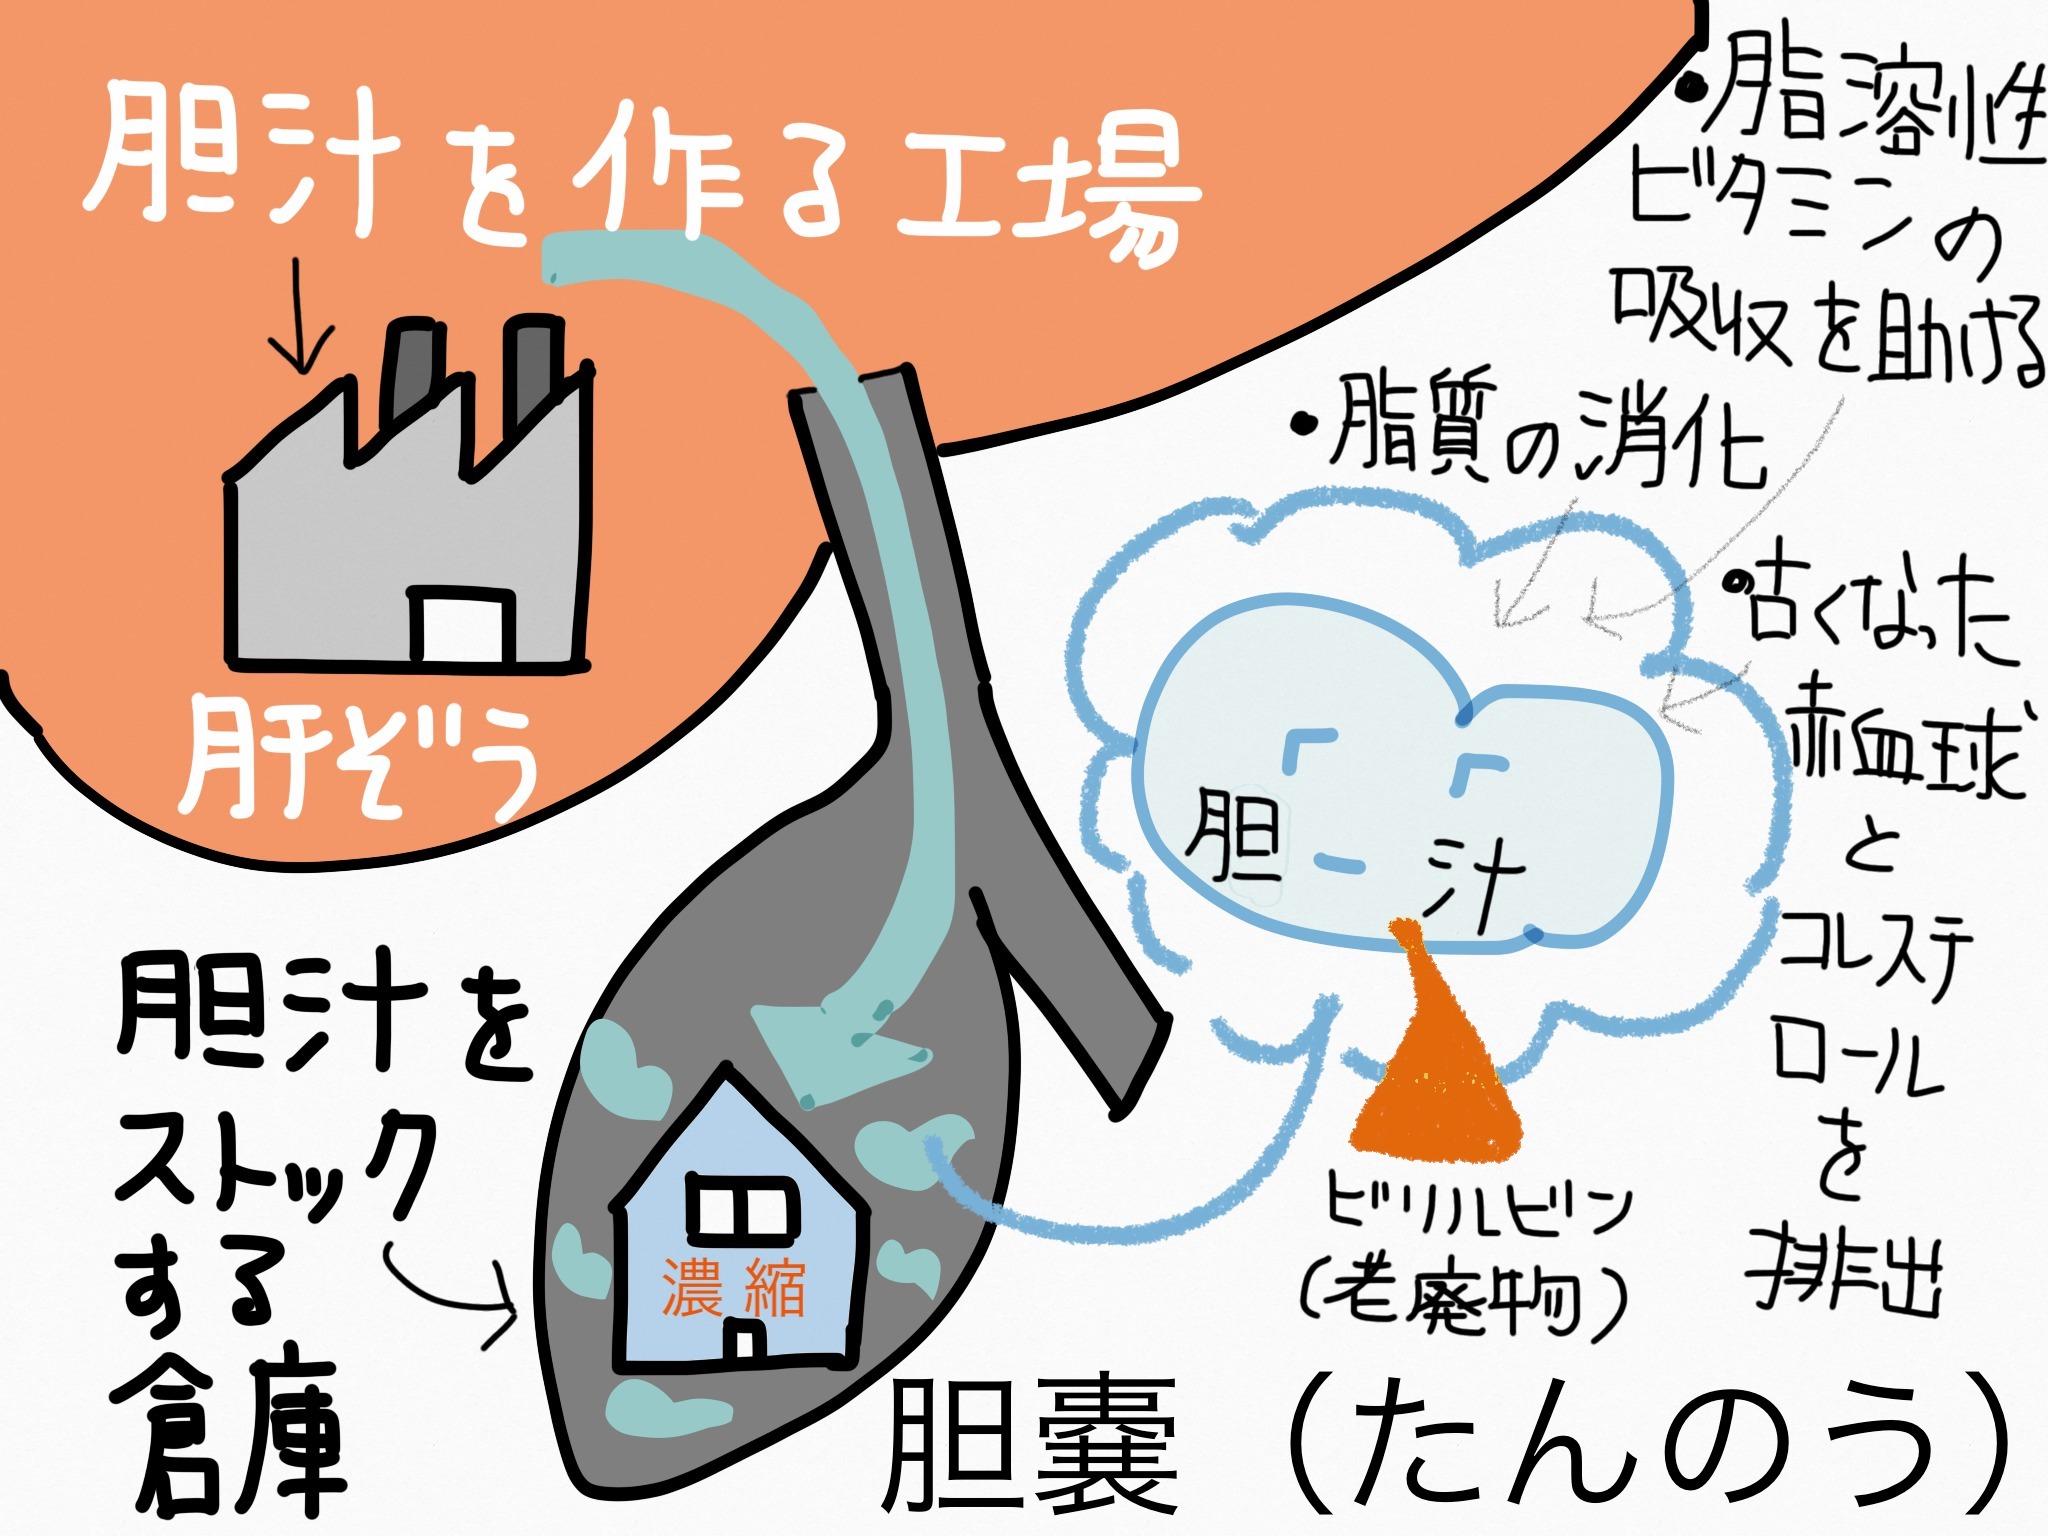 消化器系/胆嚢【第2章の覚え方】